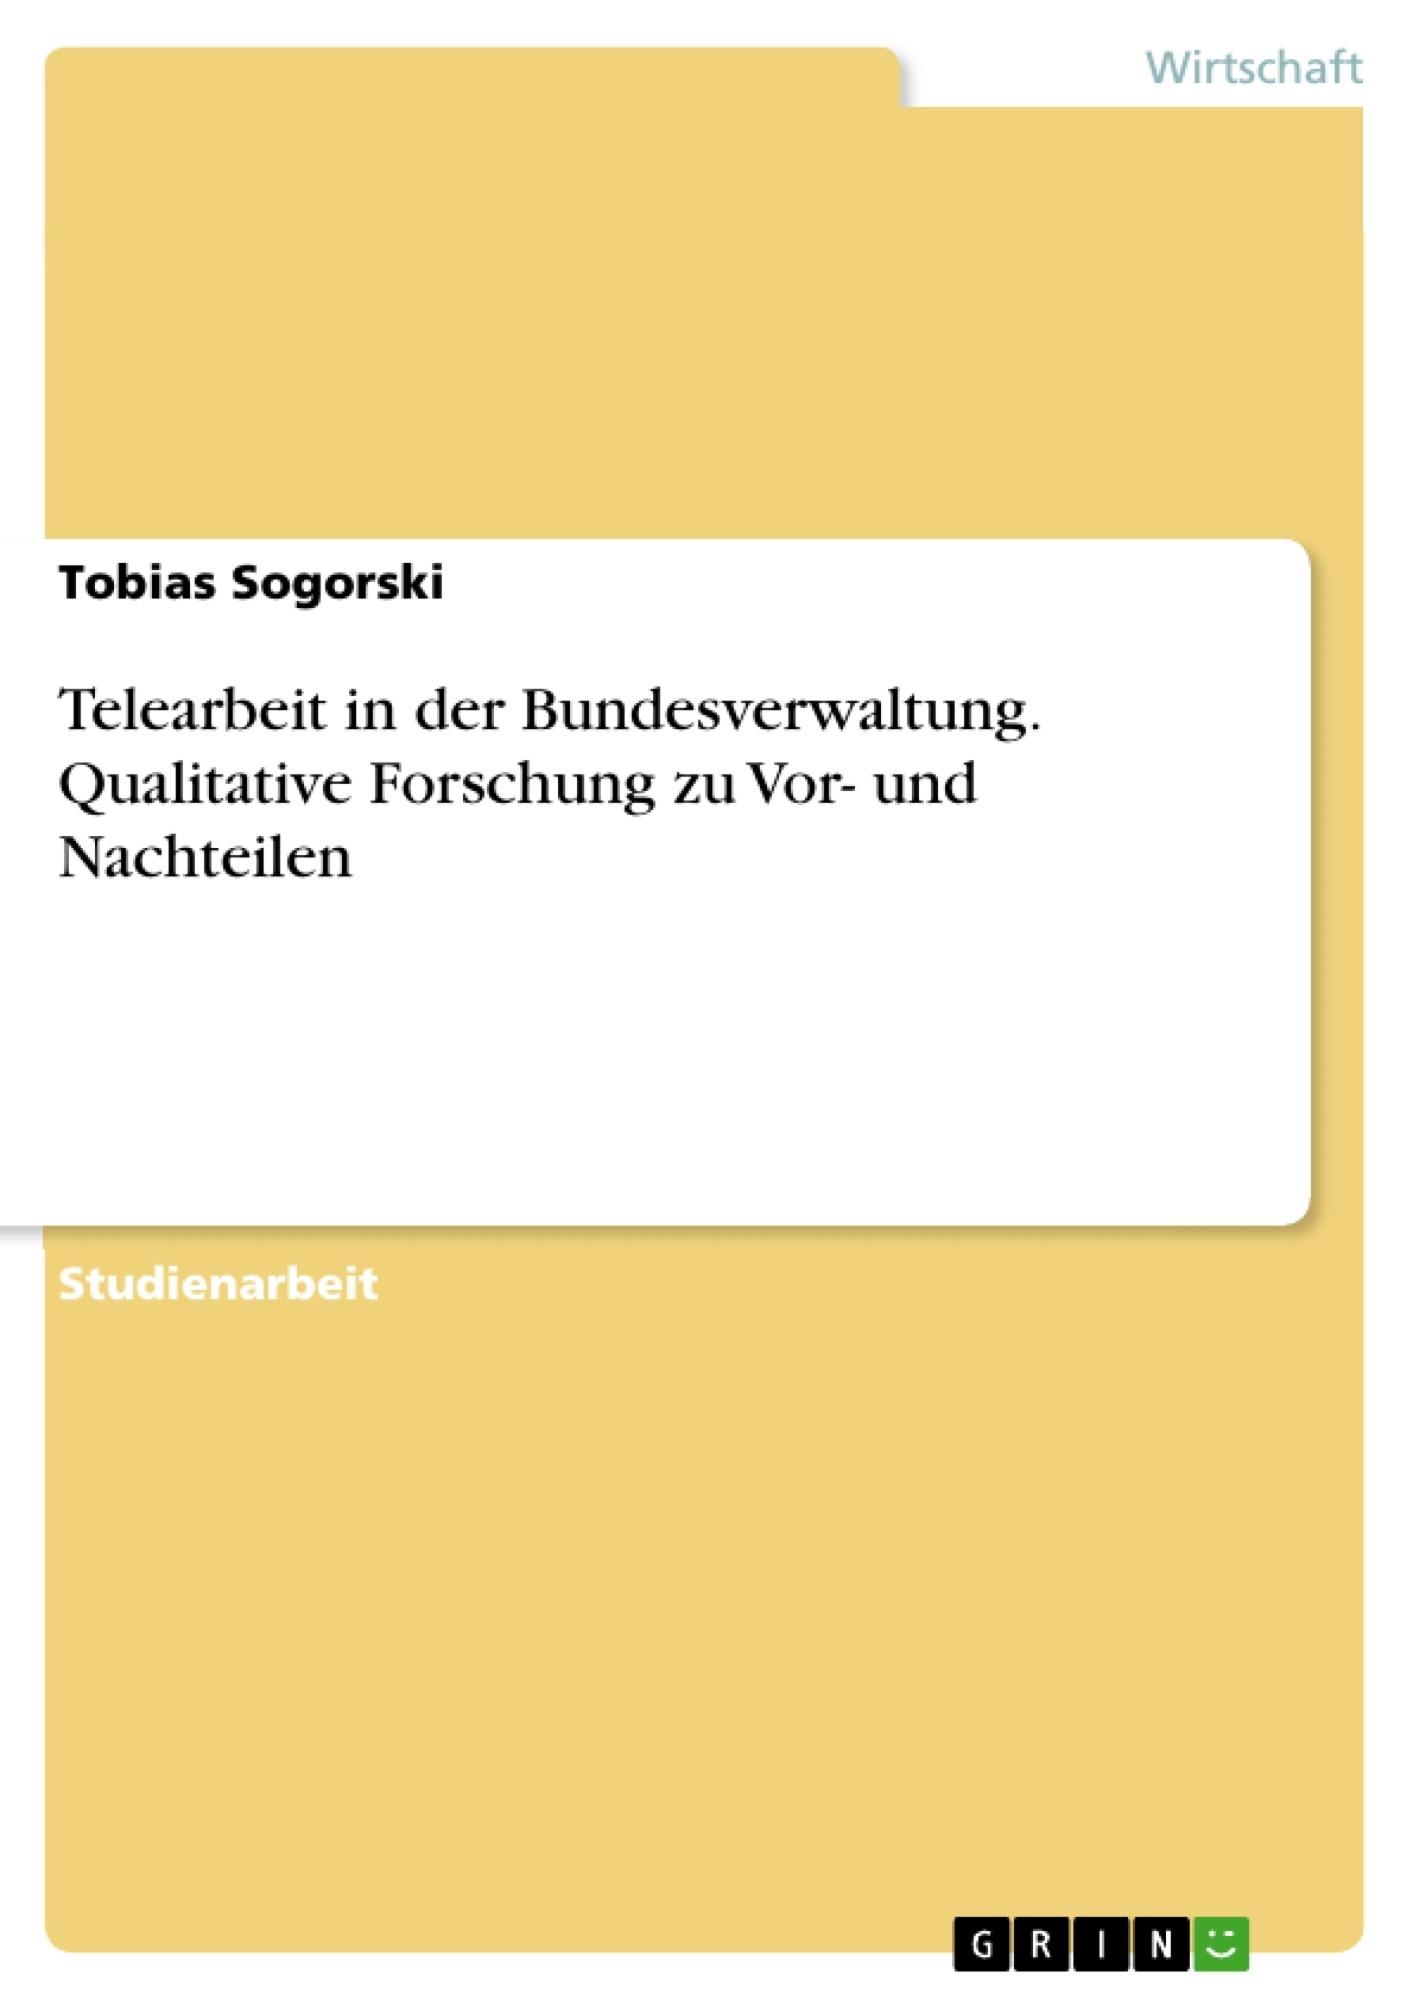 Titel: Telearbeit in der Bundesverwaltung. Qualitative Forschung zu Vor- und Nachteilen